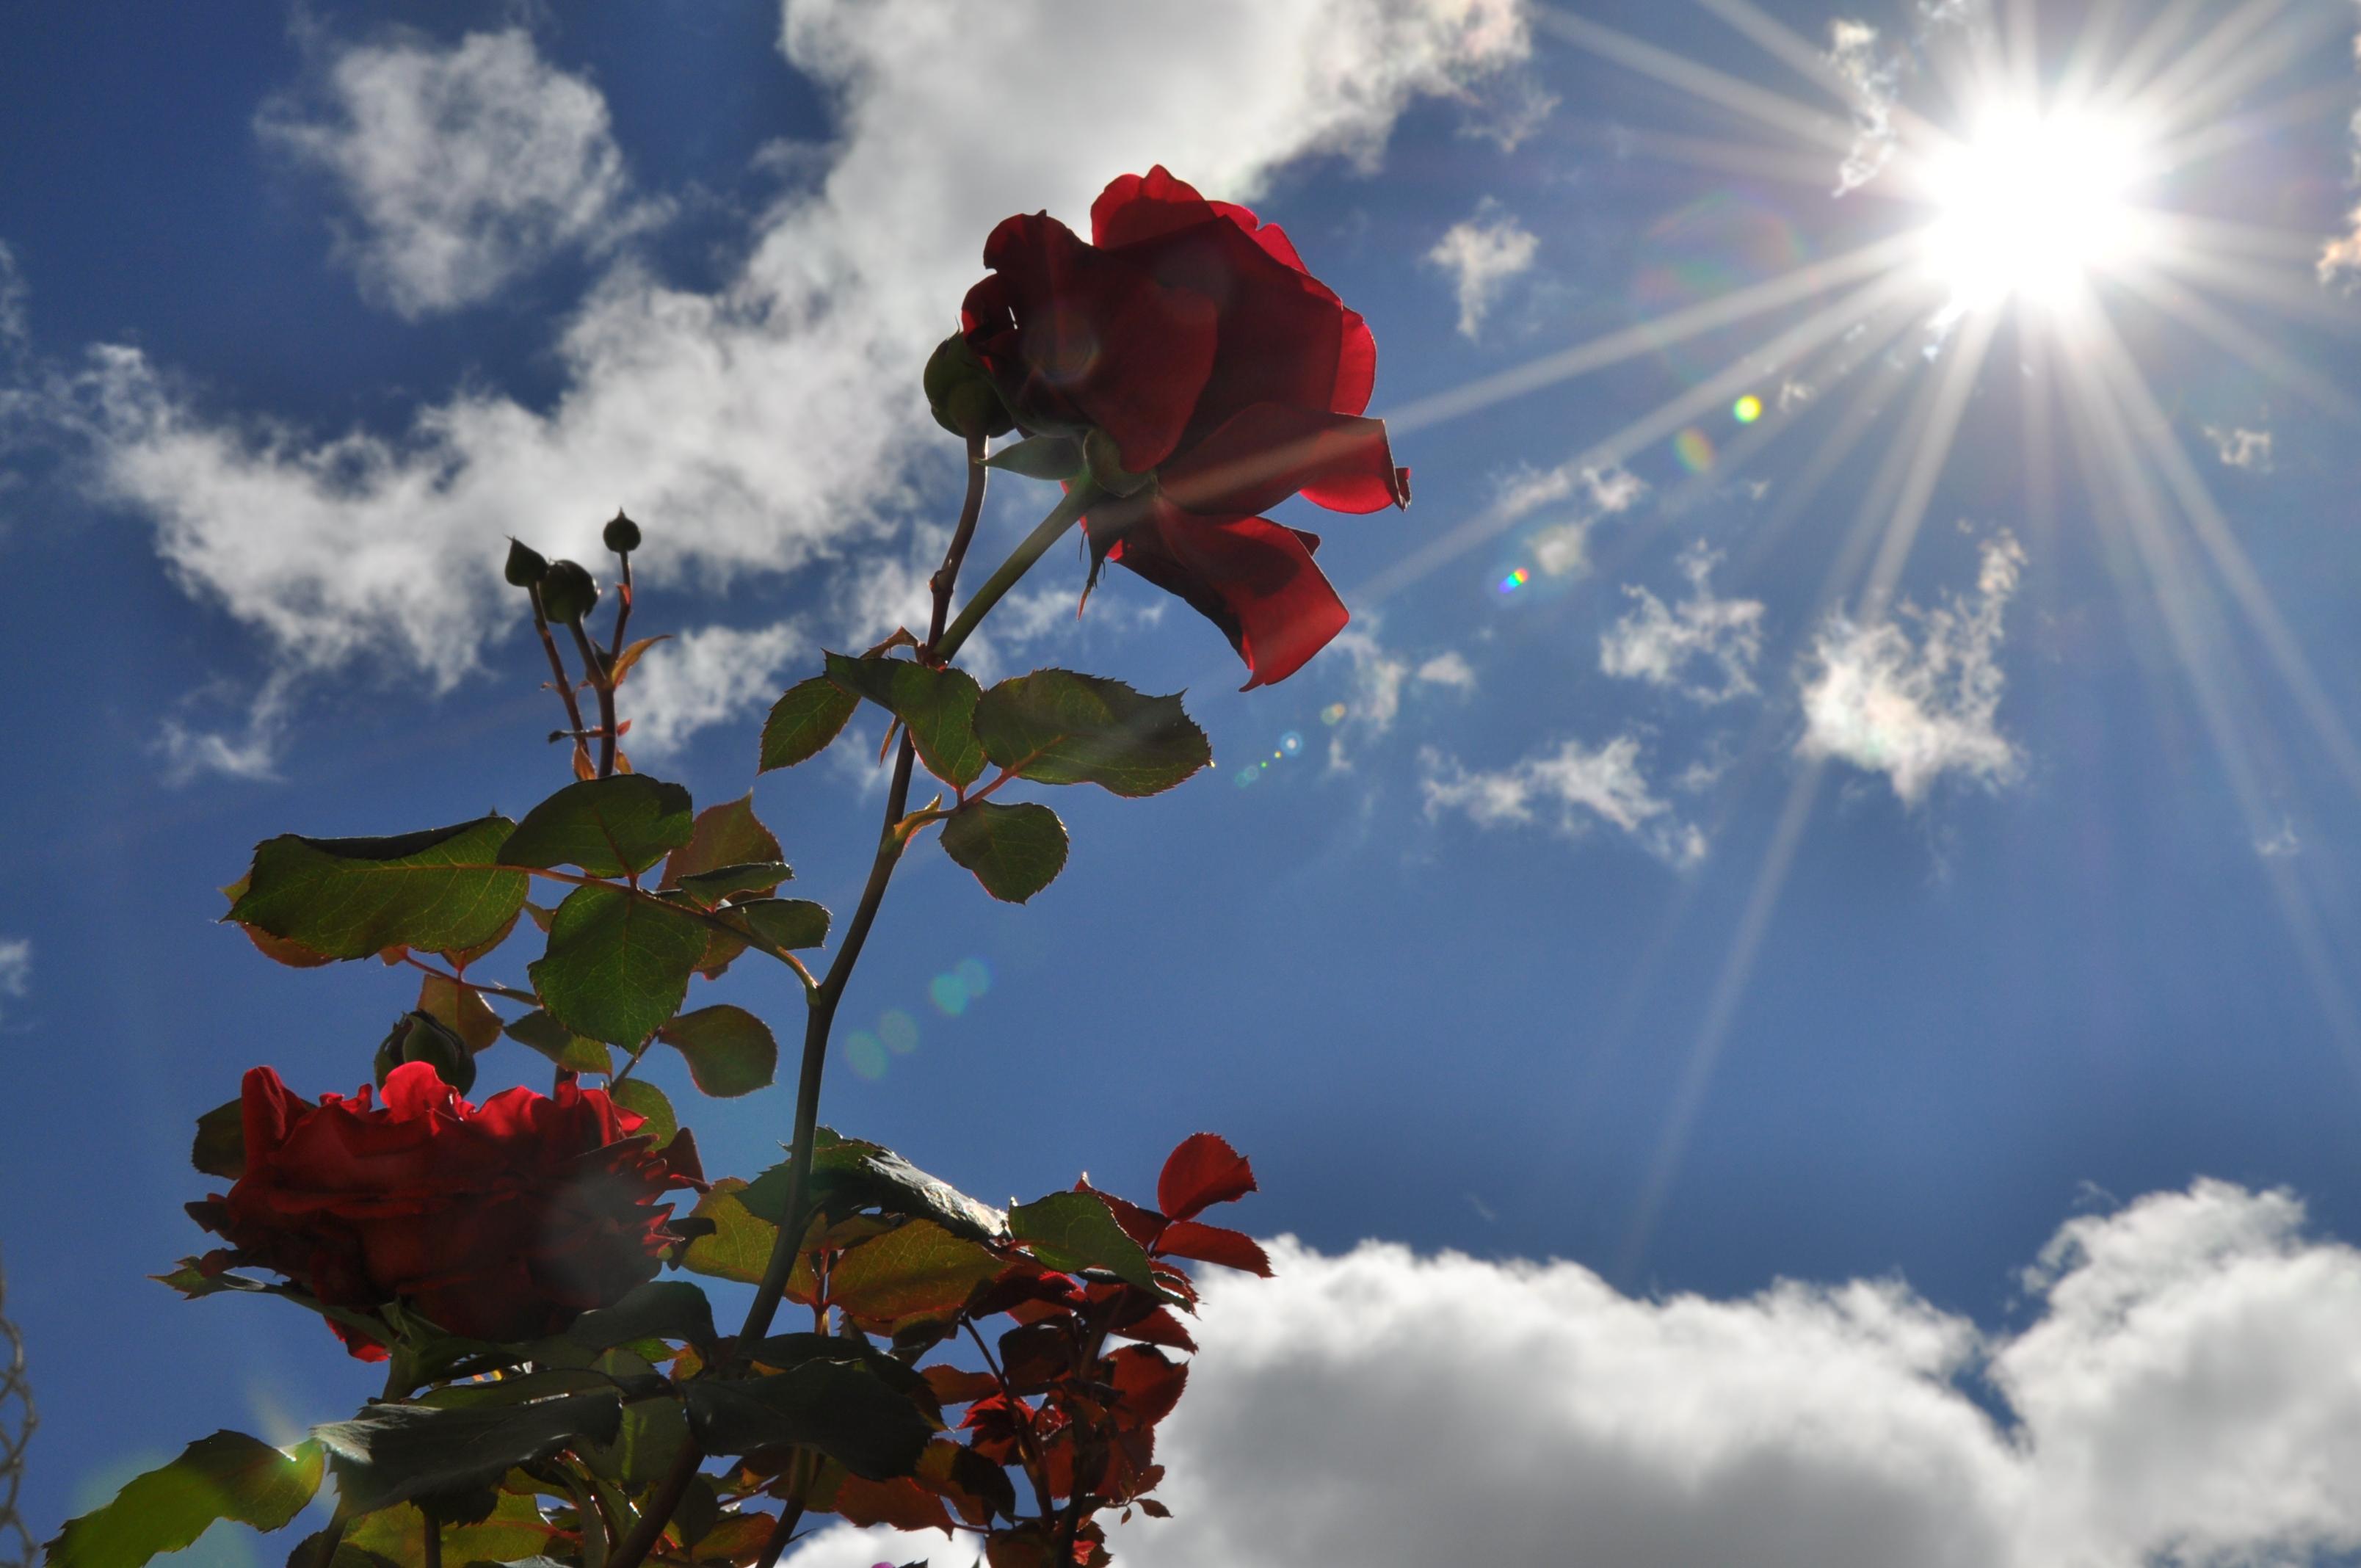 Wallpaper Sinar Matahari Kota Merah Langit Biru Sihir